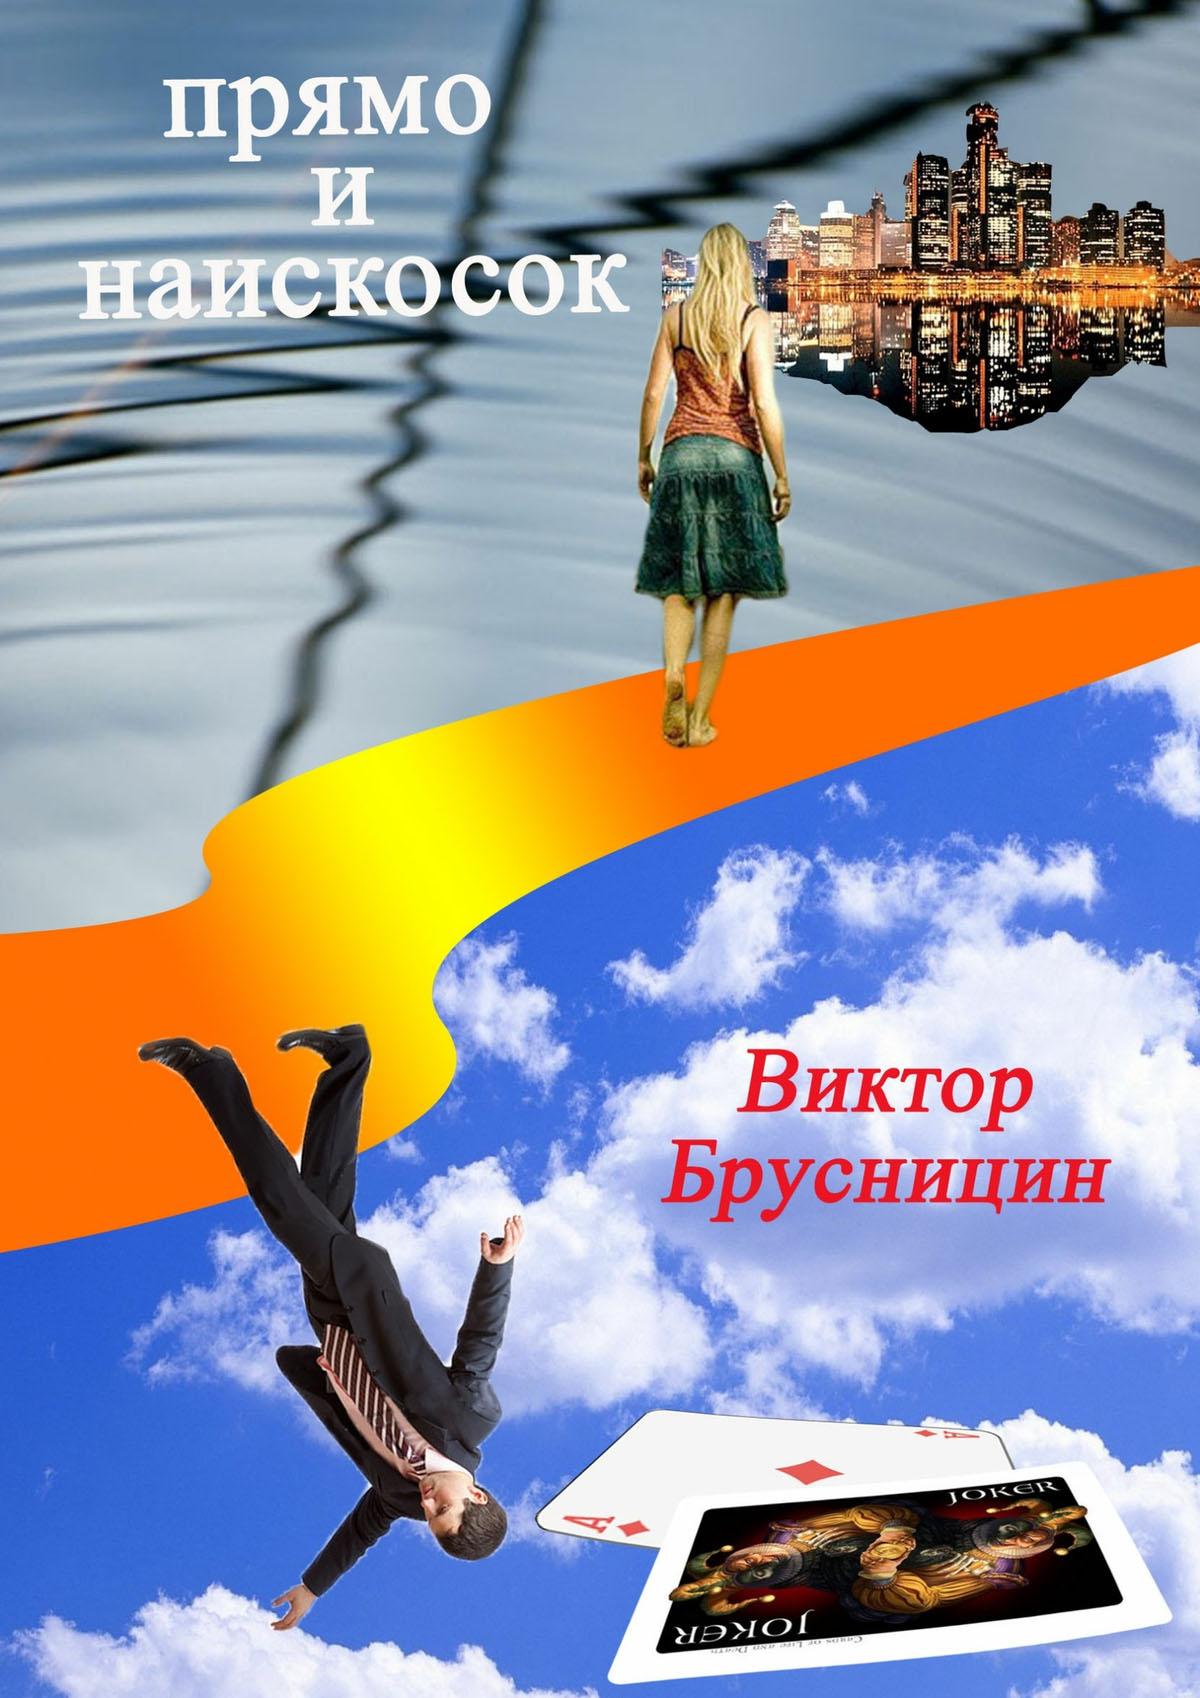 Виктор Брусницин Прямо инаискосок автор не указан устами младенца